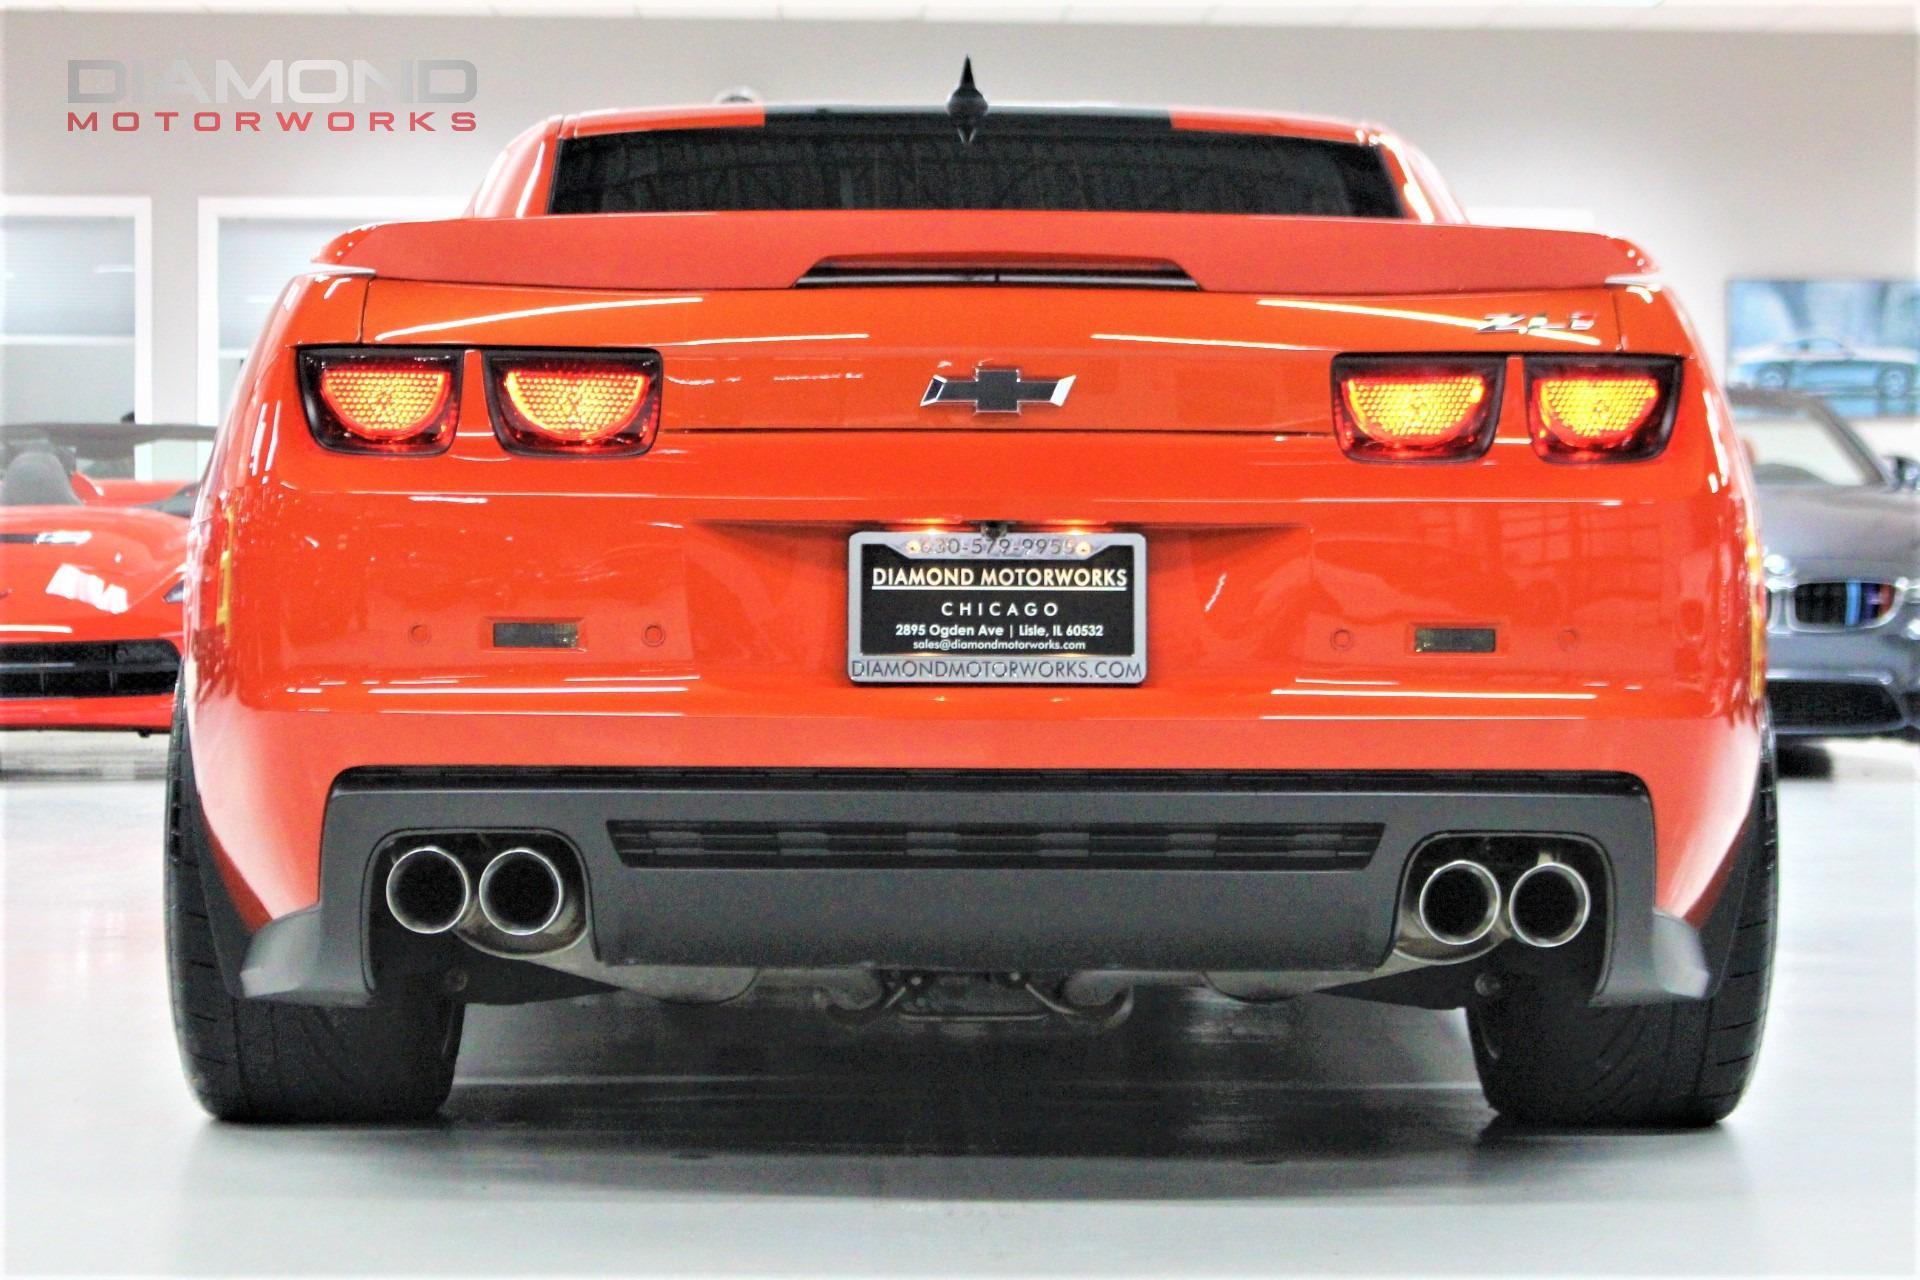 2012 Chevrolet Camaro Zl1 Stock 800290 For Sale Near